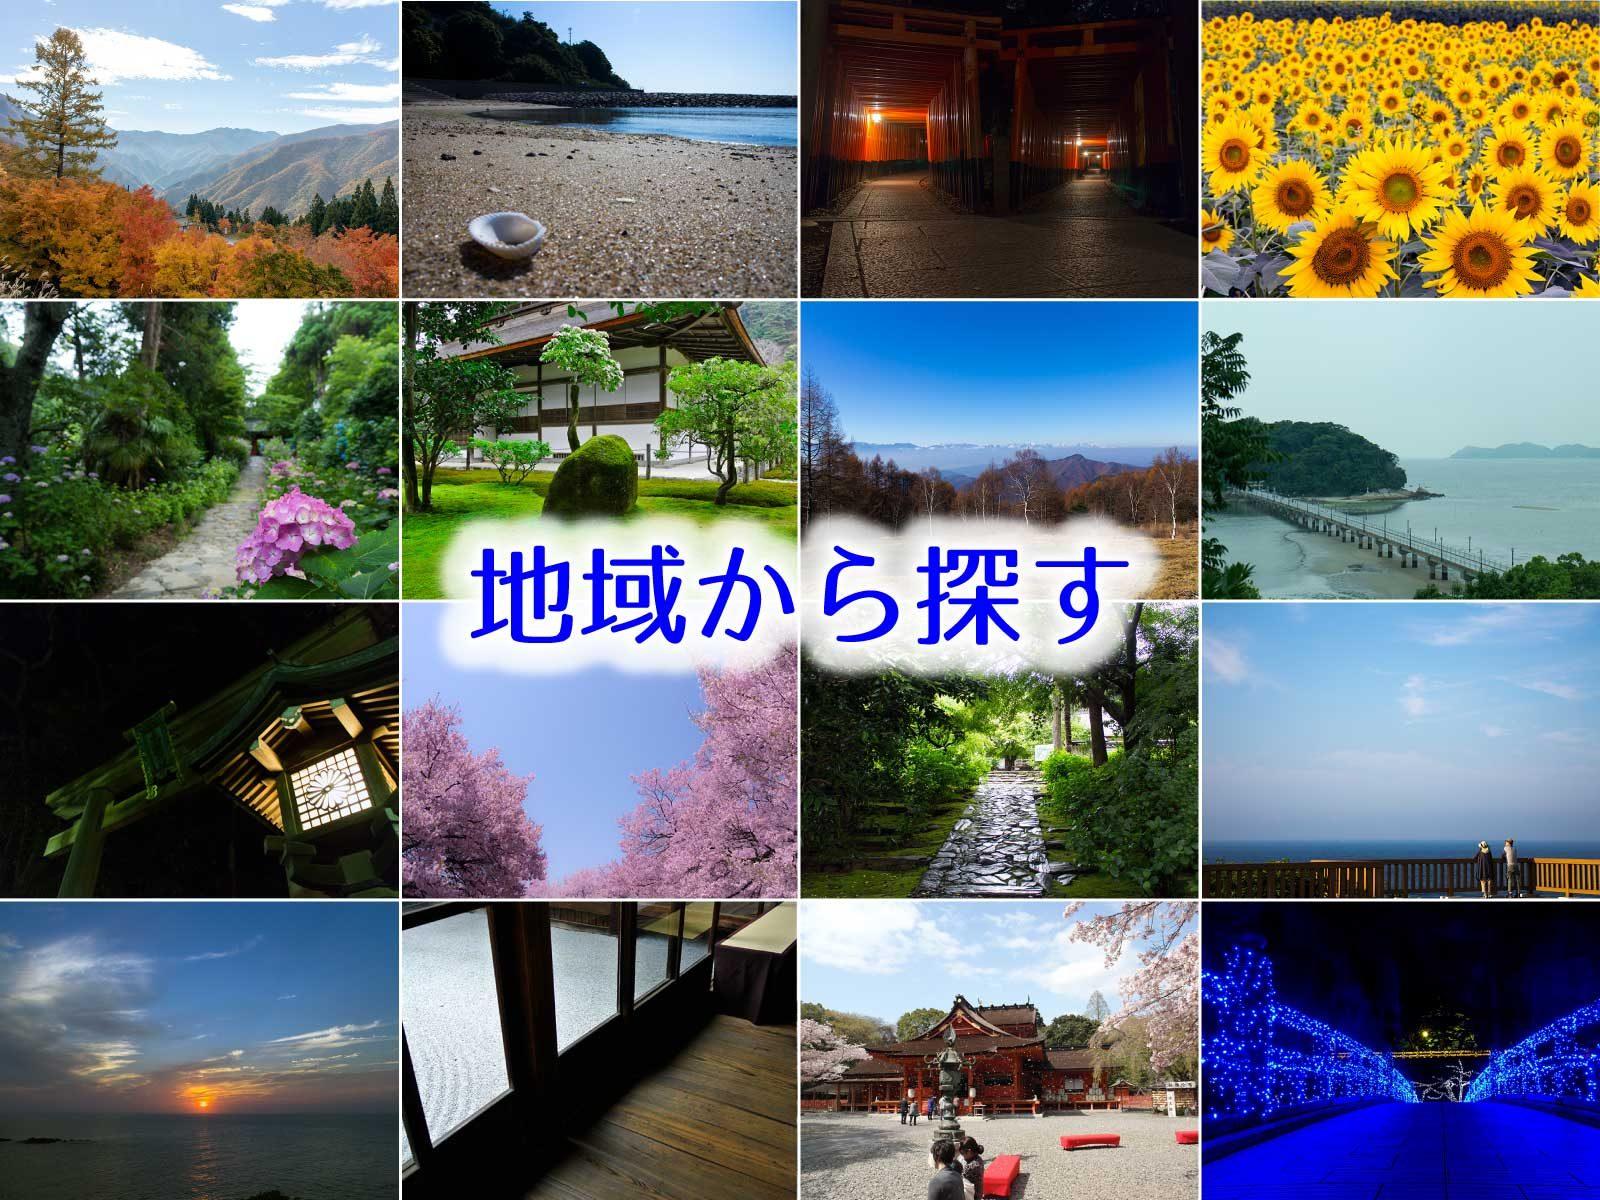 撮る旅:日本全国地域から探す:「撮る旅」日本全国の観光地を写真撮影を主とした視点で紹介する情報ブログ。フォトコンテスト情報も!の観光地を写真撮影を主とした視点で紹介する情報ブログ。フォトコンテスト情報も!